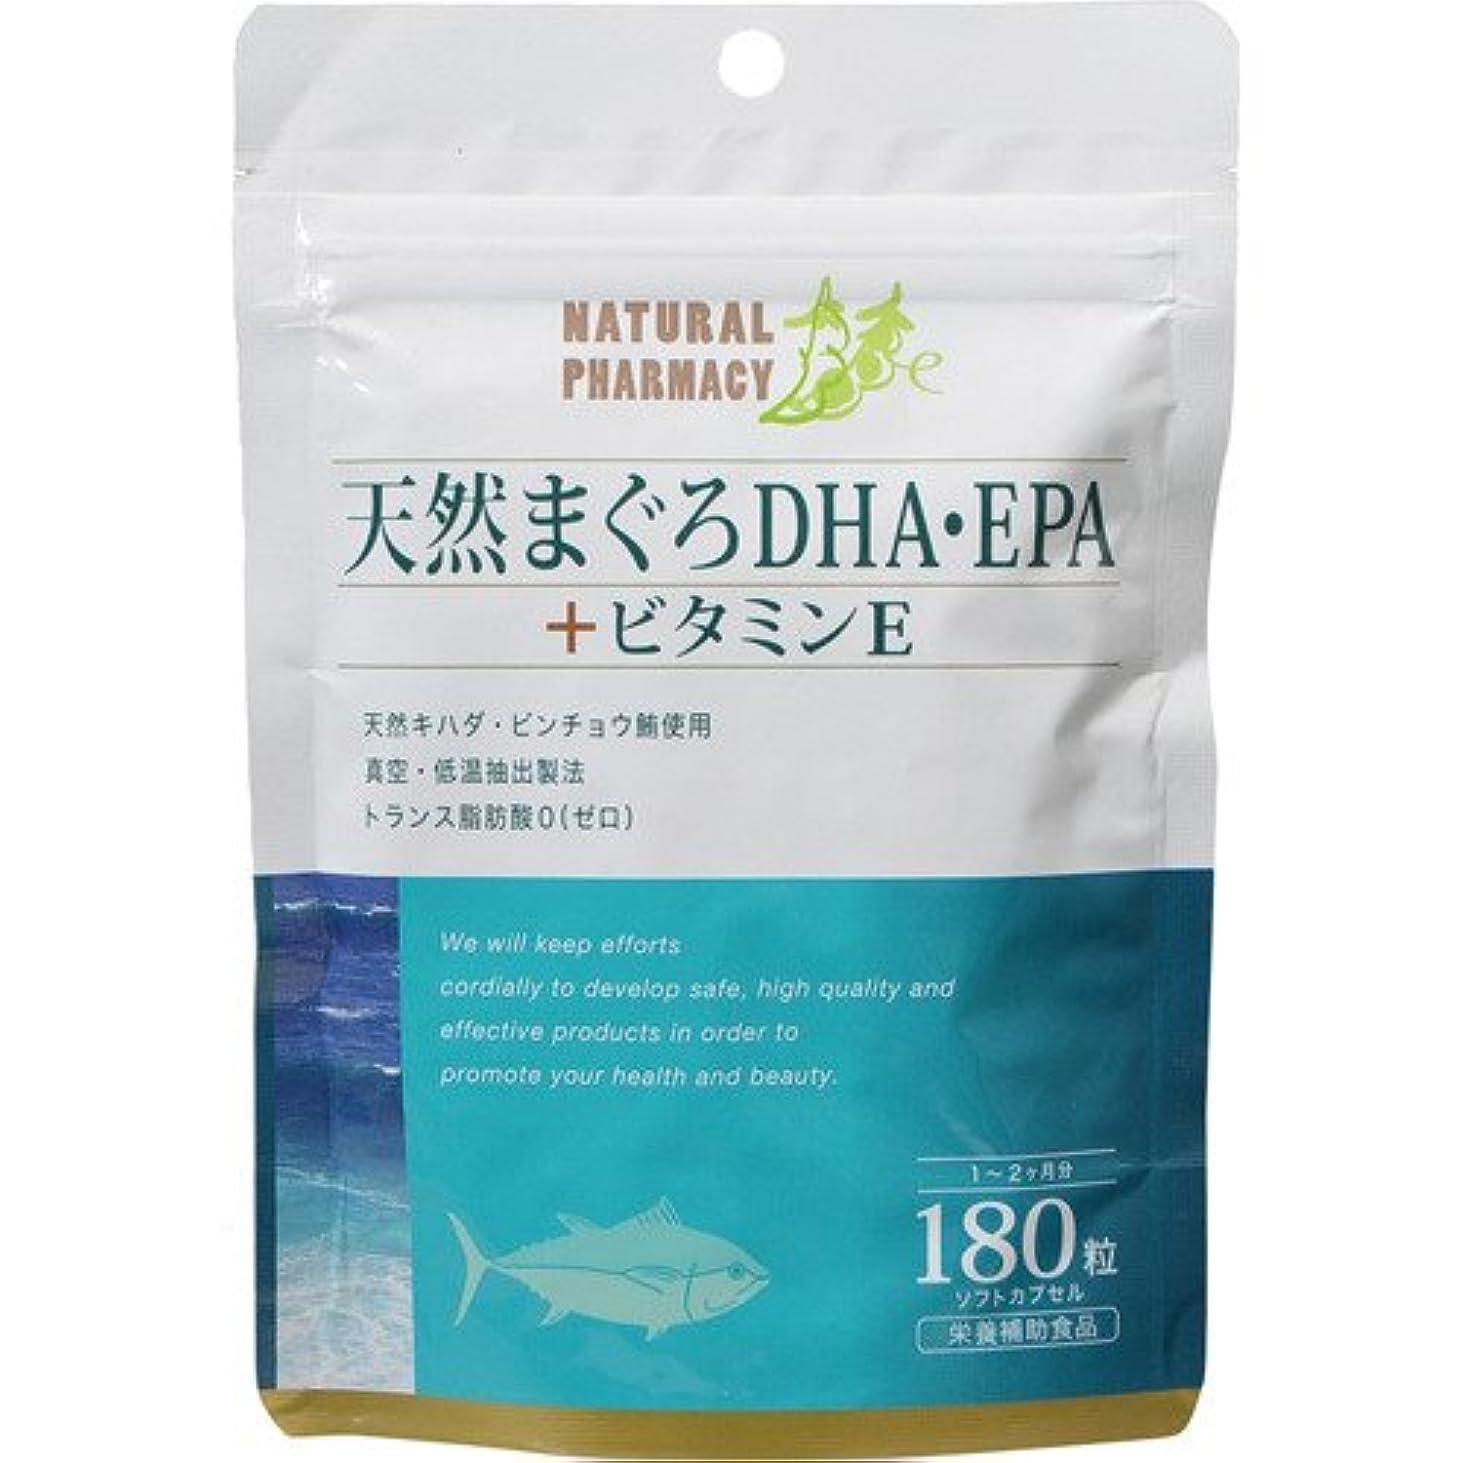 担保バナー放つすみや 天然まぐろDHA?EPA+ビタミンE 180粒